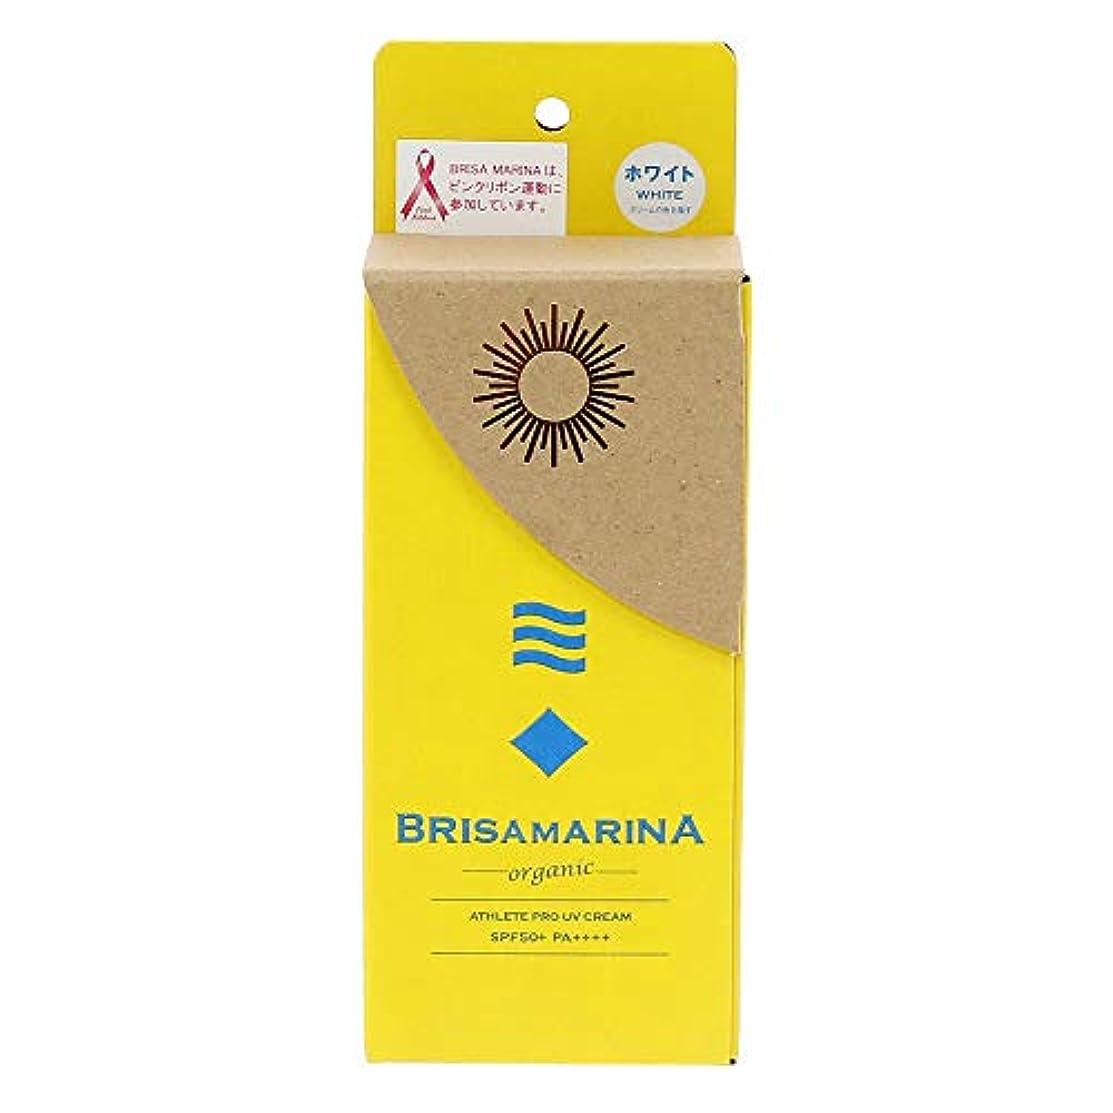 変なニックネームそんなにBRISA MARINA(ブリサ マリーナ) 日焼止め アスリートプロ UVクリーム 70g (ホワイト)[SPF50+ PA++++] Z-0CBM0016140